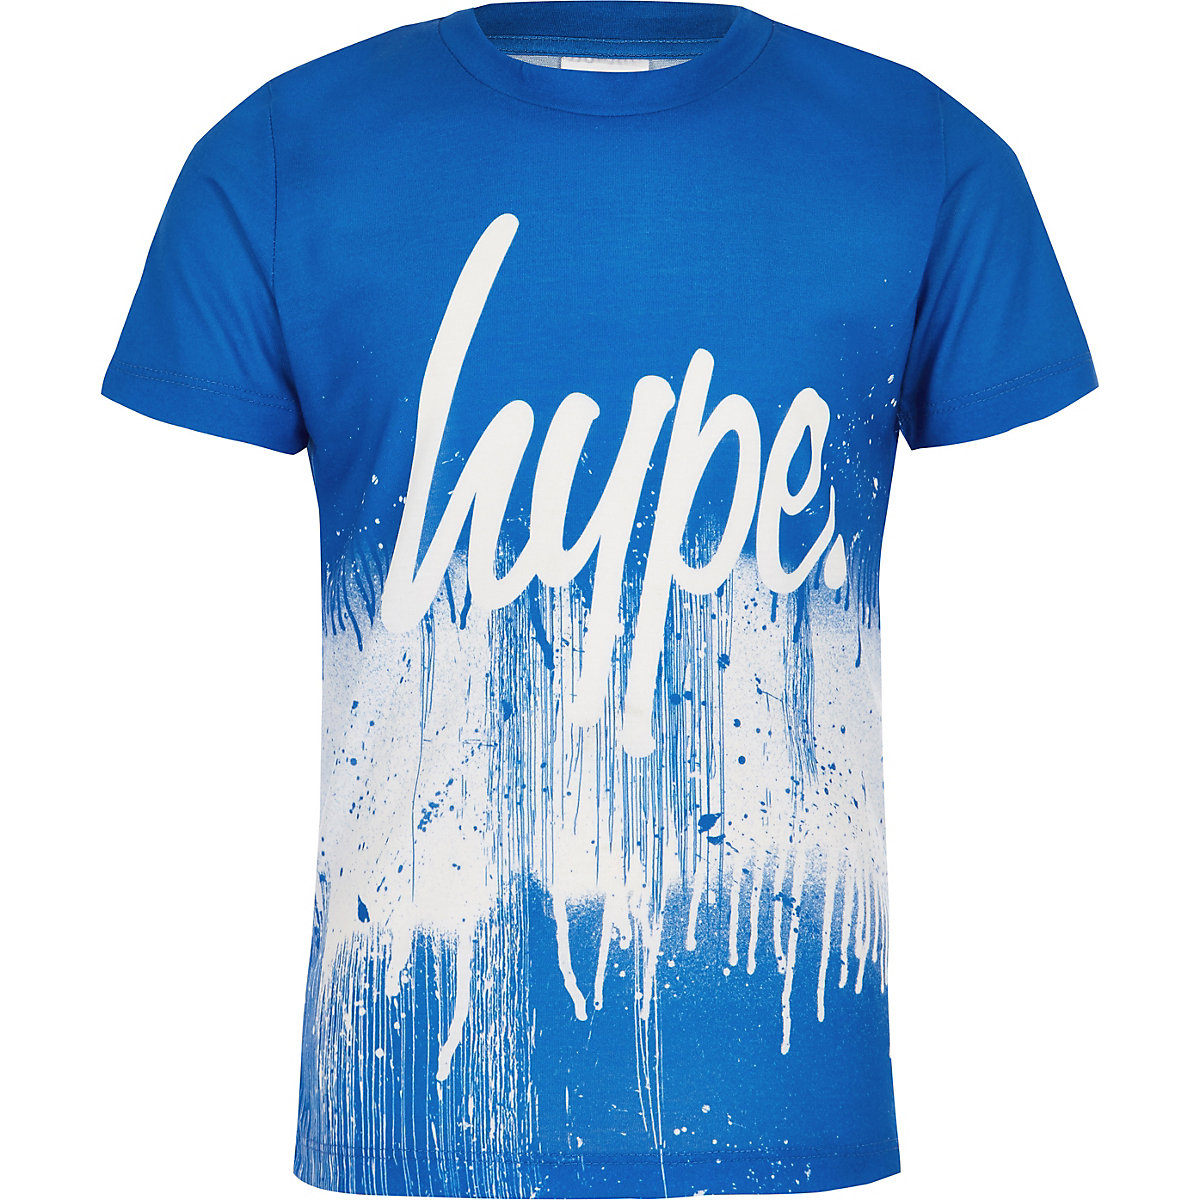 Boys Hype blue paint splat T-shirt